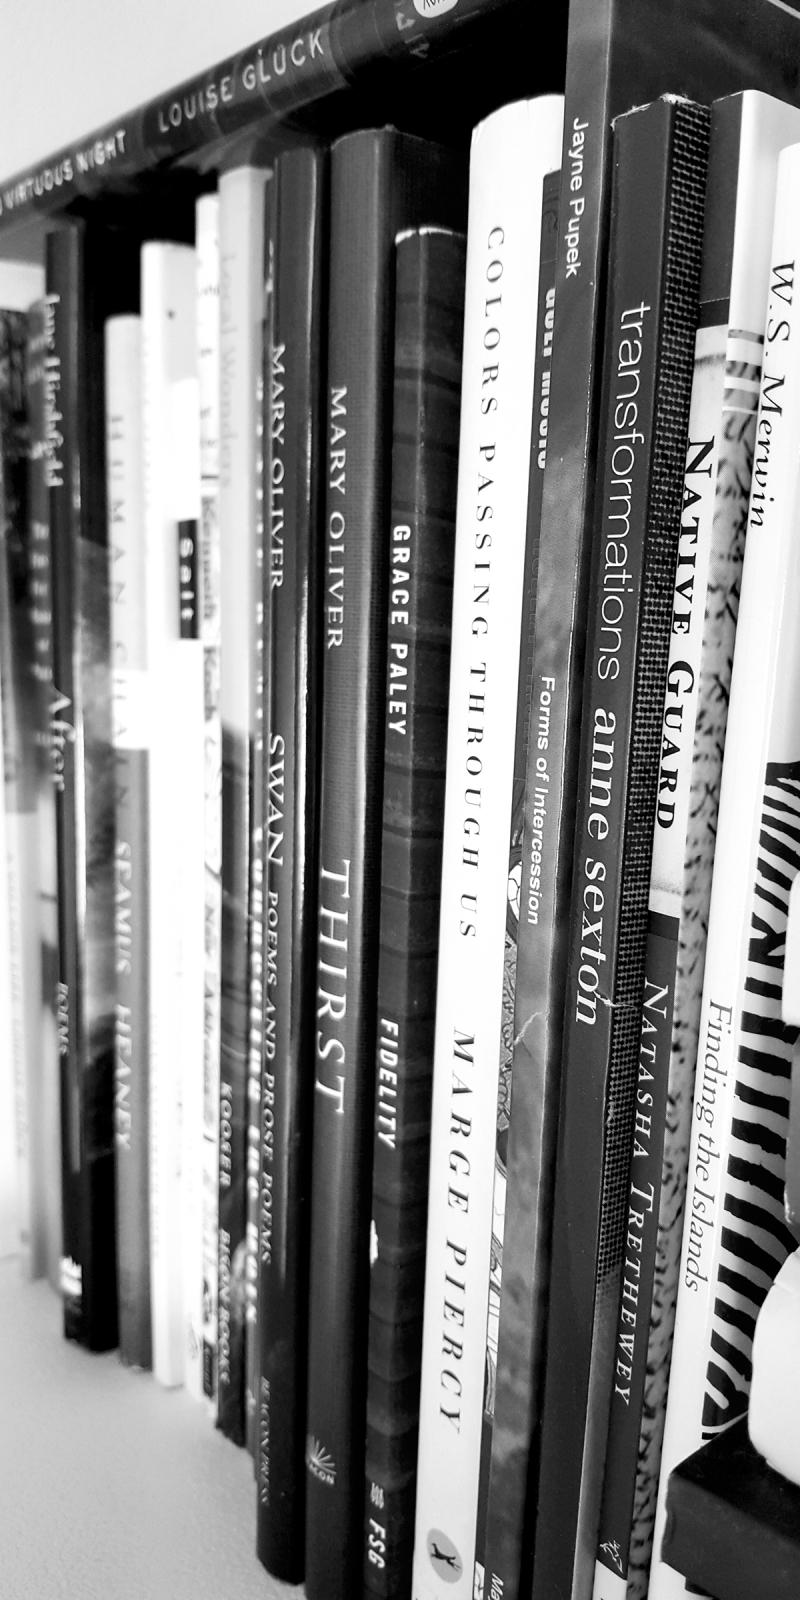 Poetry books amy sorensen